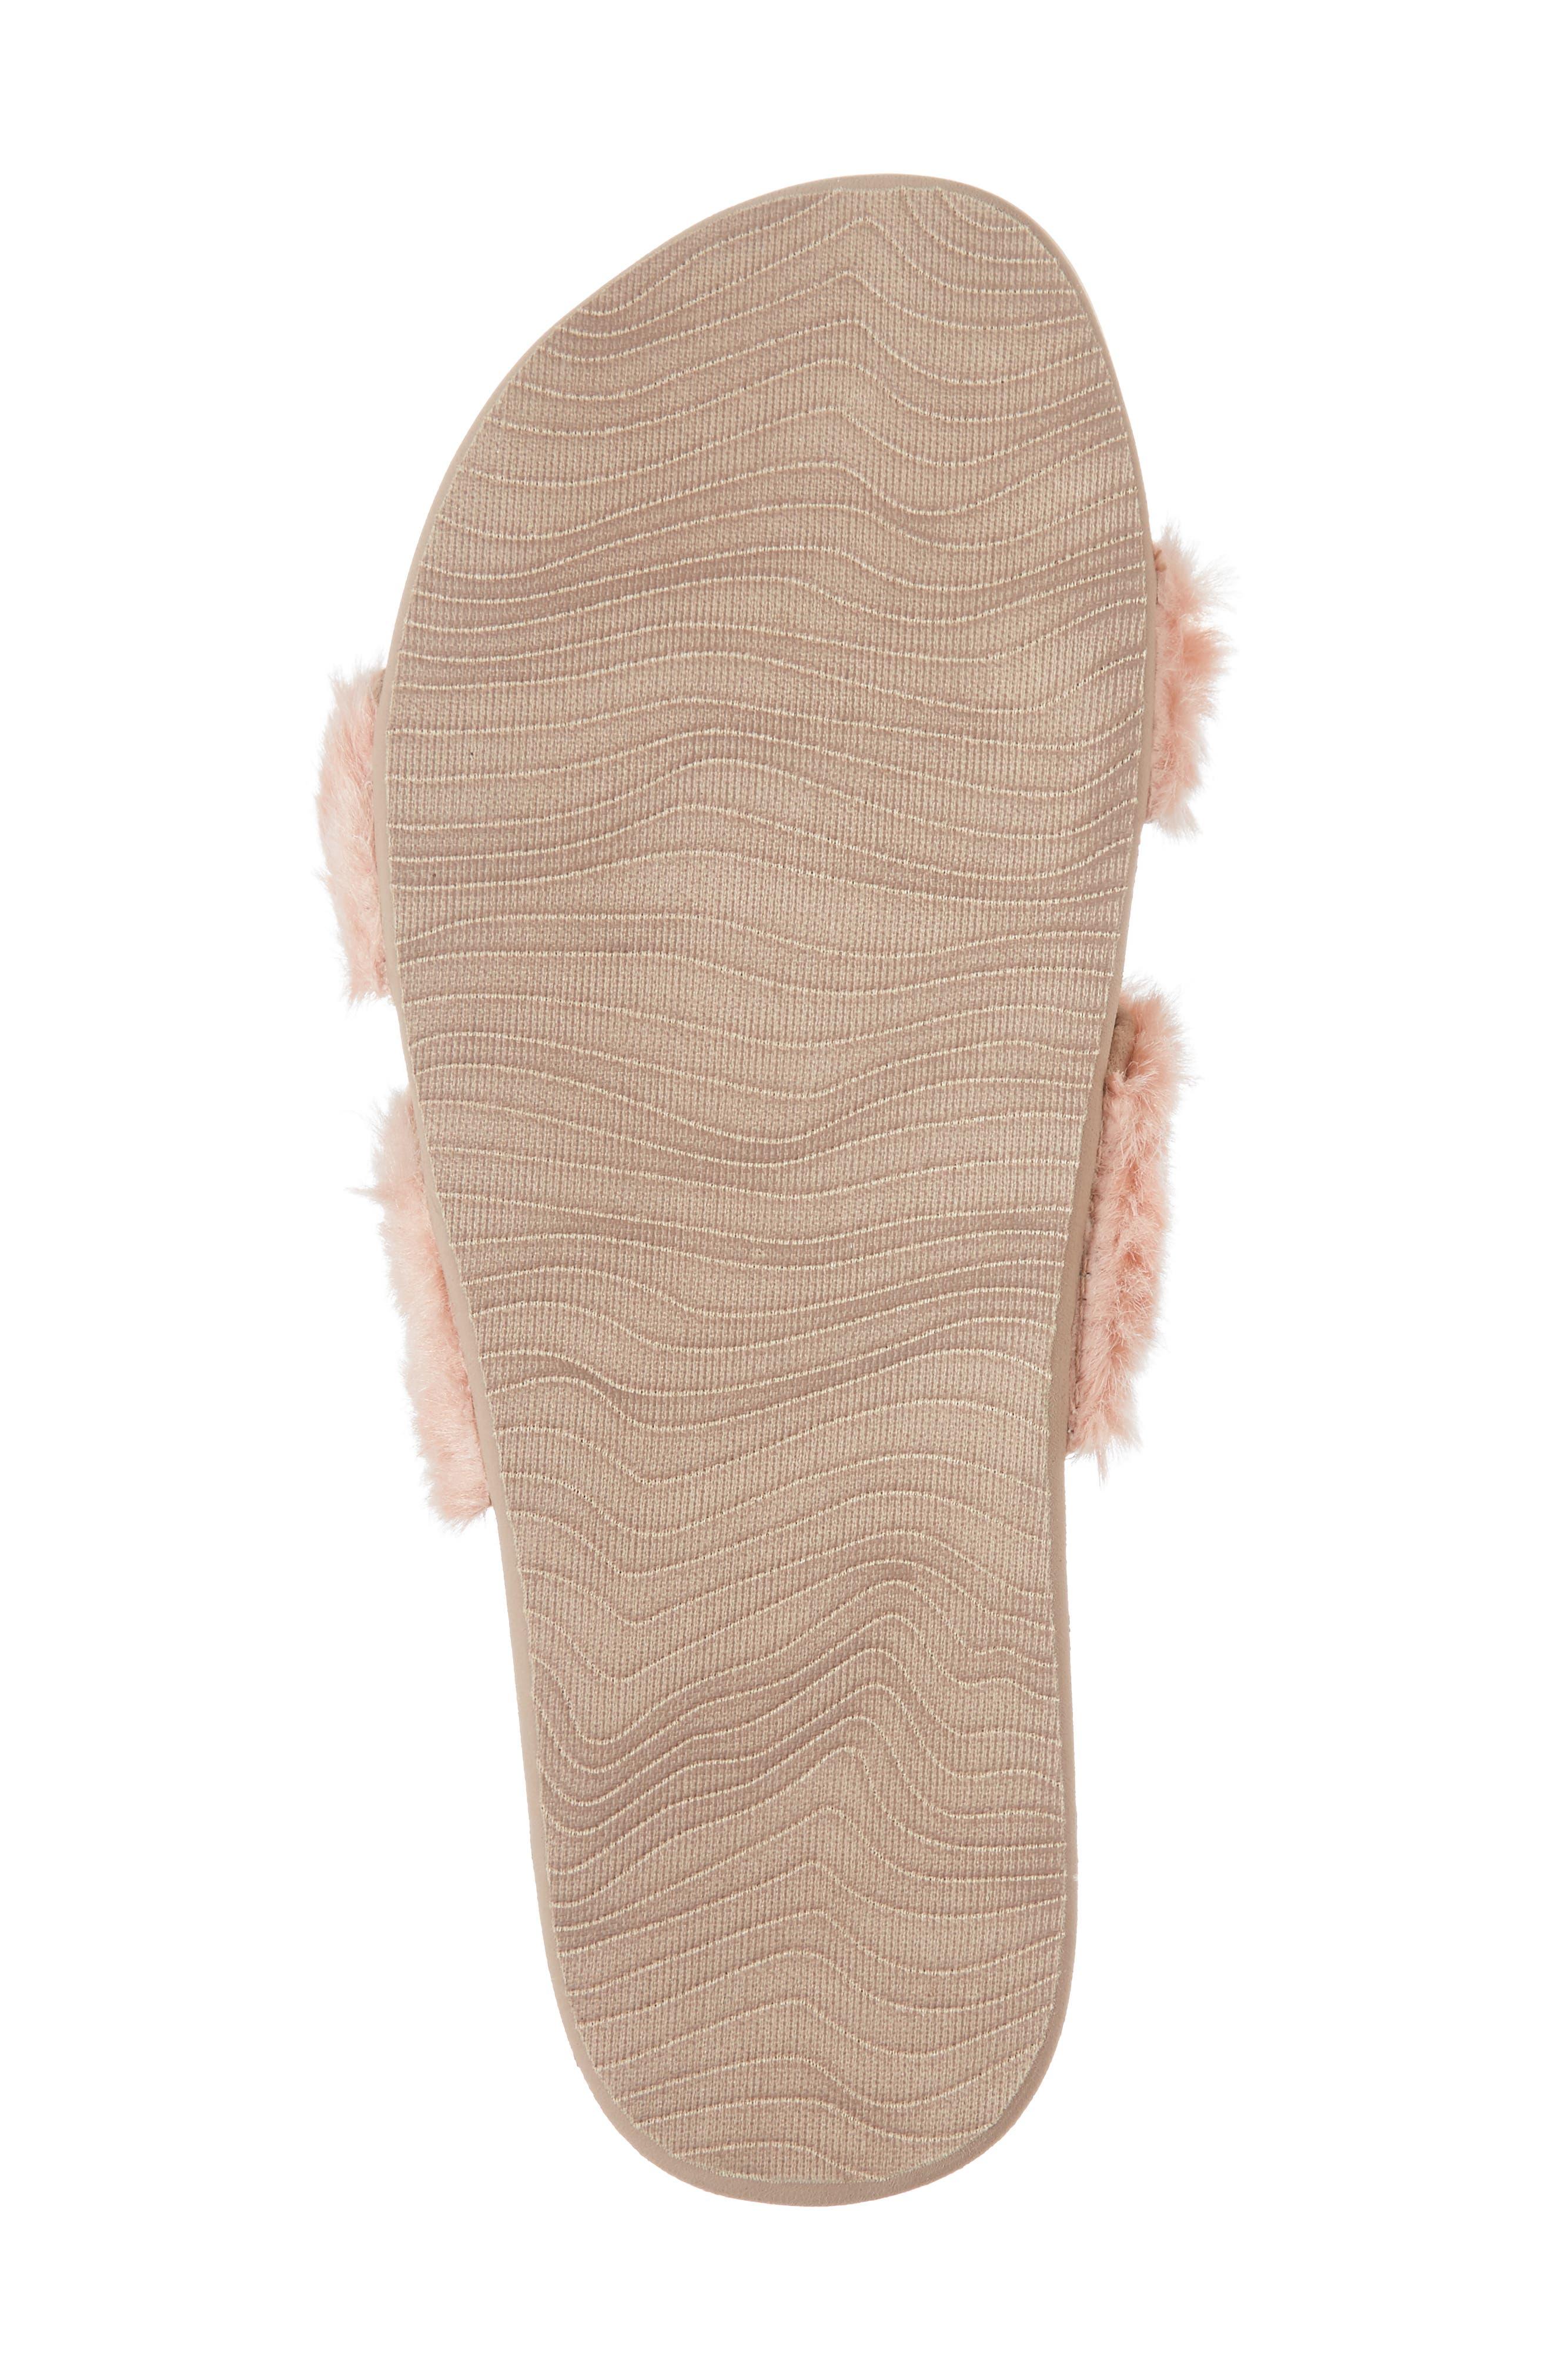 Bounce Faux Fur Double Strap Slide Sandal,                             Alternate thumbnail 6, color,                             650